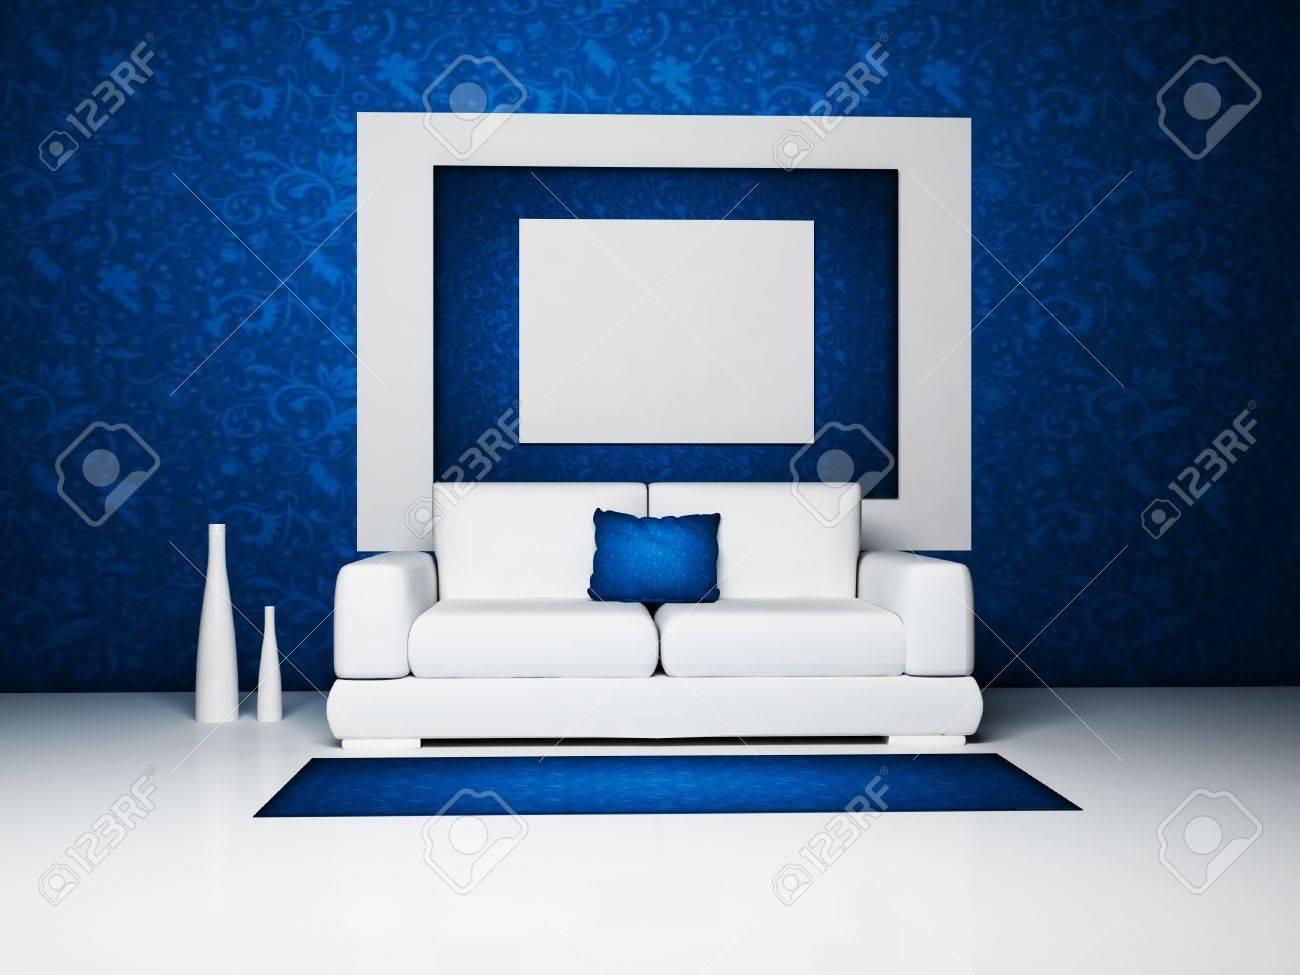 Modern Interieur Woonkamer : Modern interieur van een woonkamer met een witte bank en de vazen